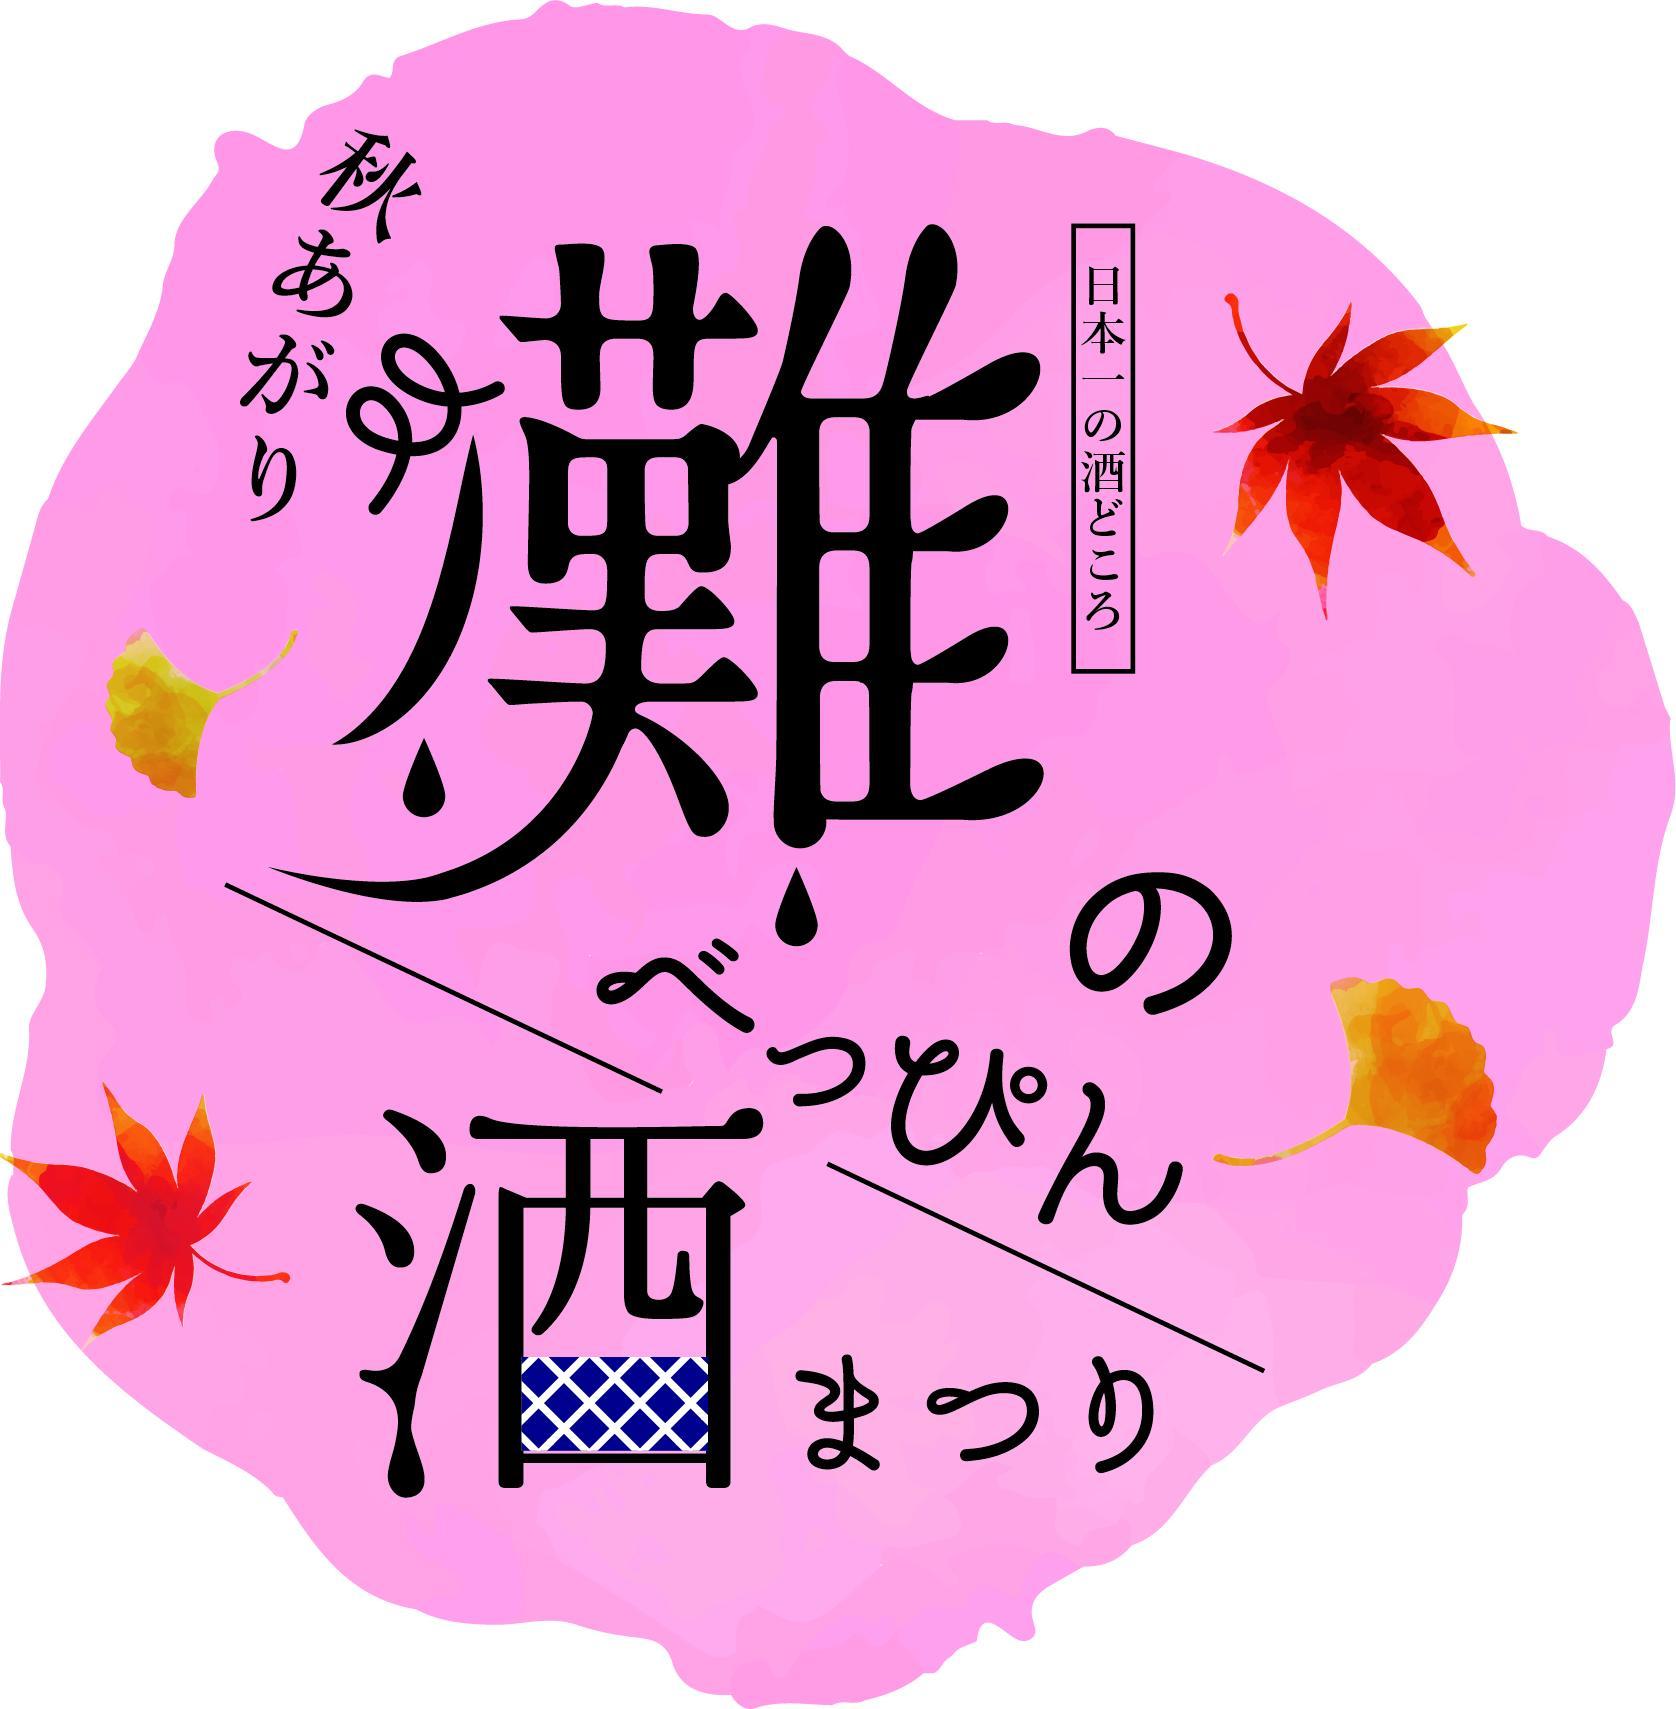 神戸・御影クラッセで11/3・11/4に「日本一の酒どころ 秋あがり灘のべっぴん酒まつり」が開催されるよ! #灘のべっぴん酒まつり